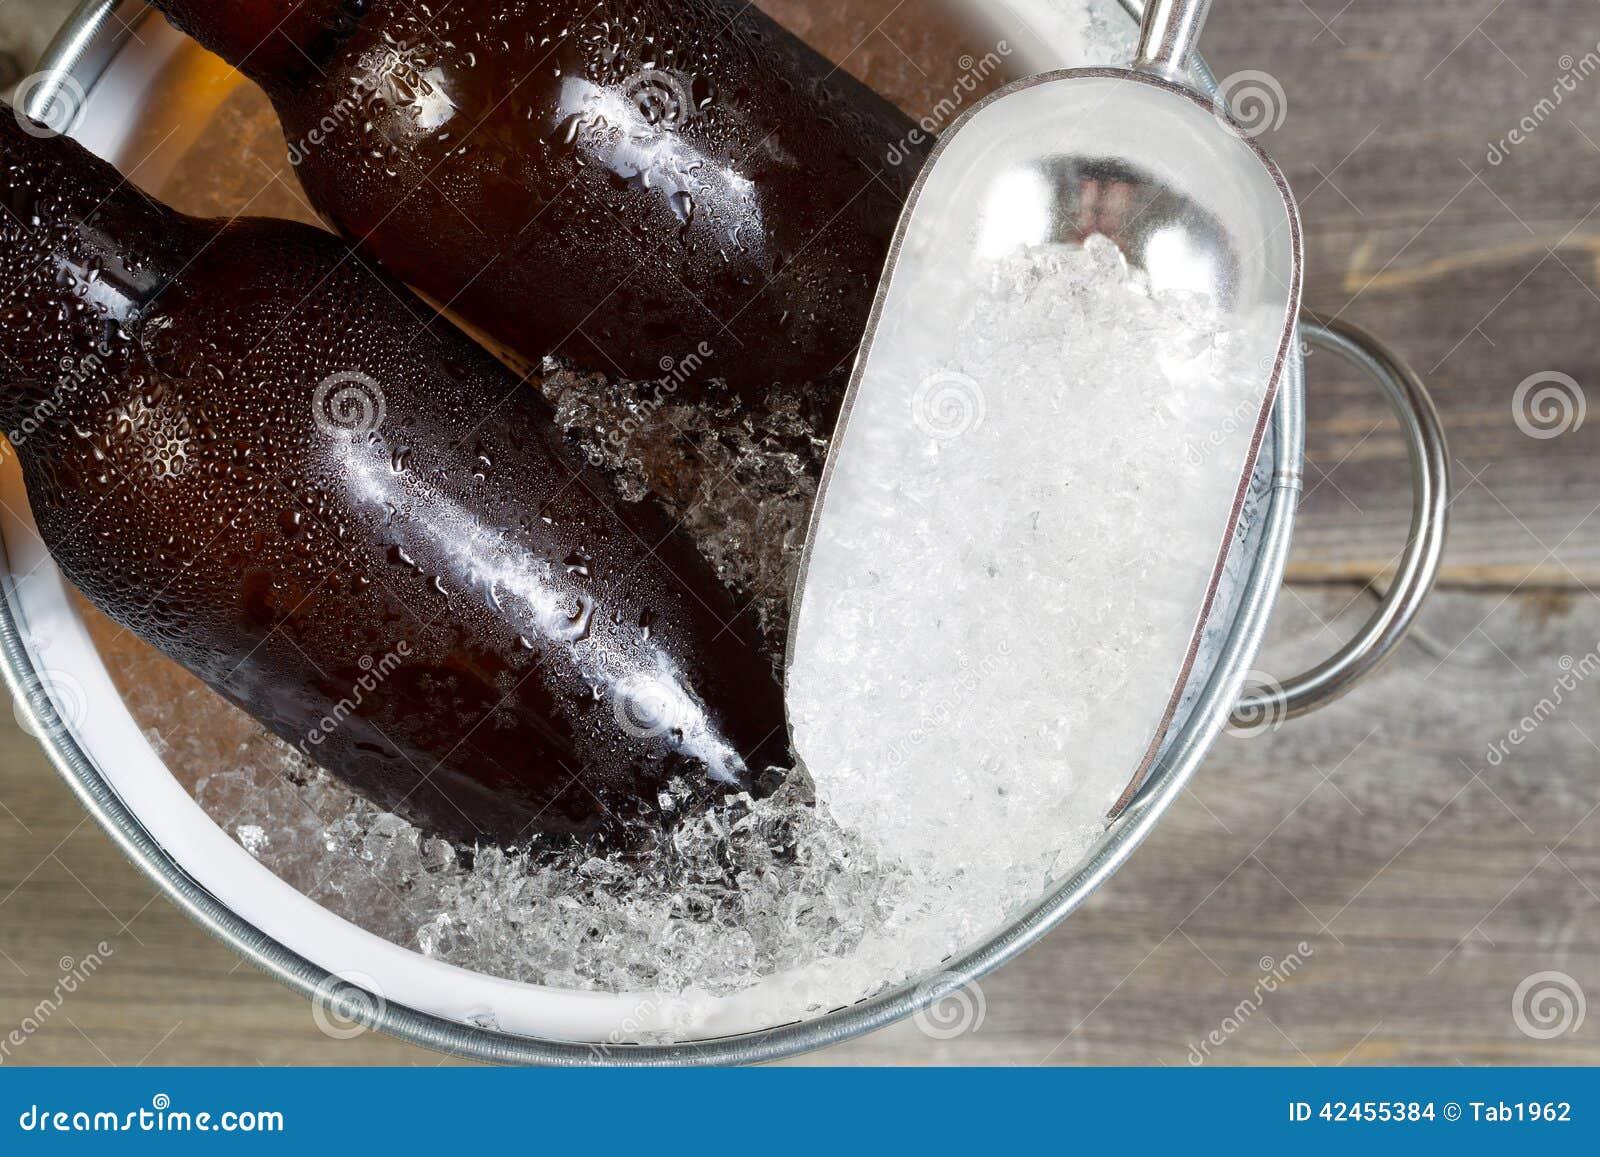 Abgefülltes Bier auf Eis